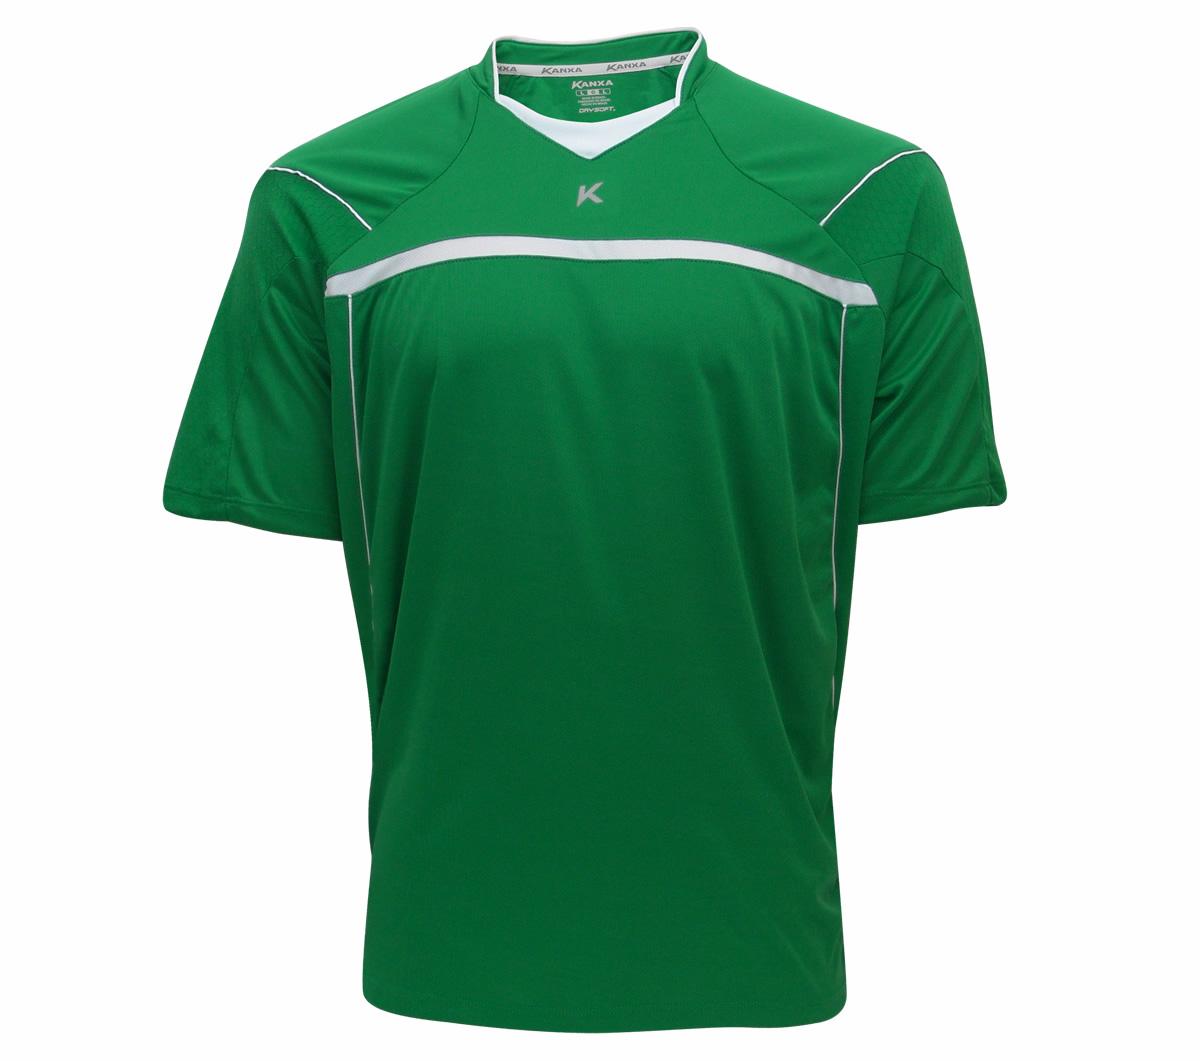 421ee4512a4e2 Camisa Kanxa Montana Azul e Branca - Mundo do Futebol